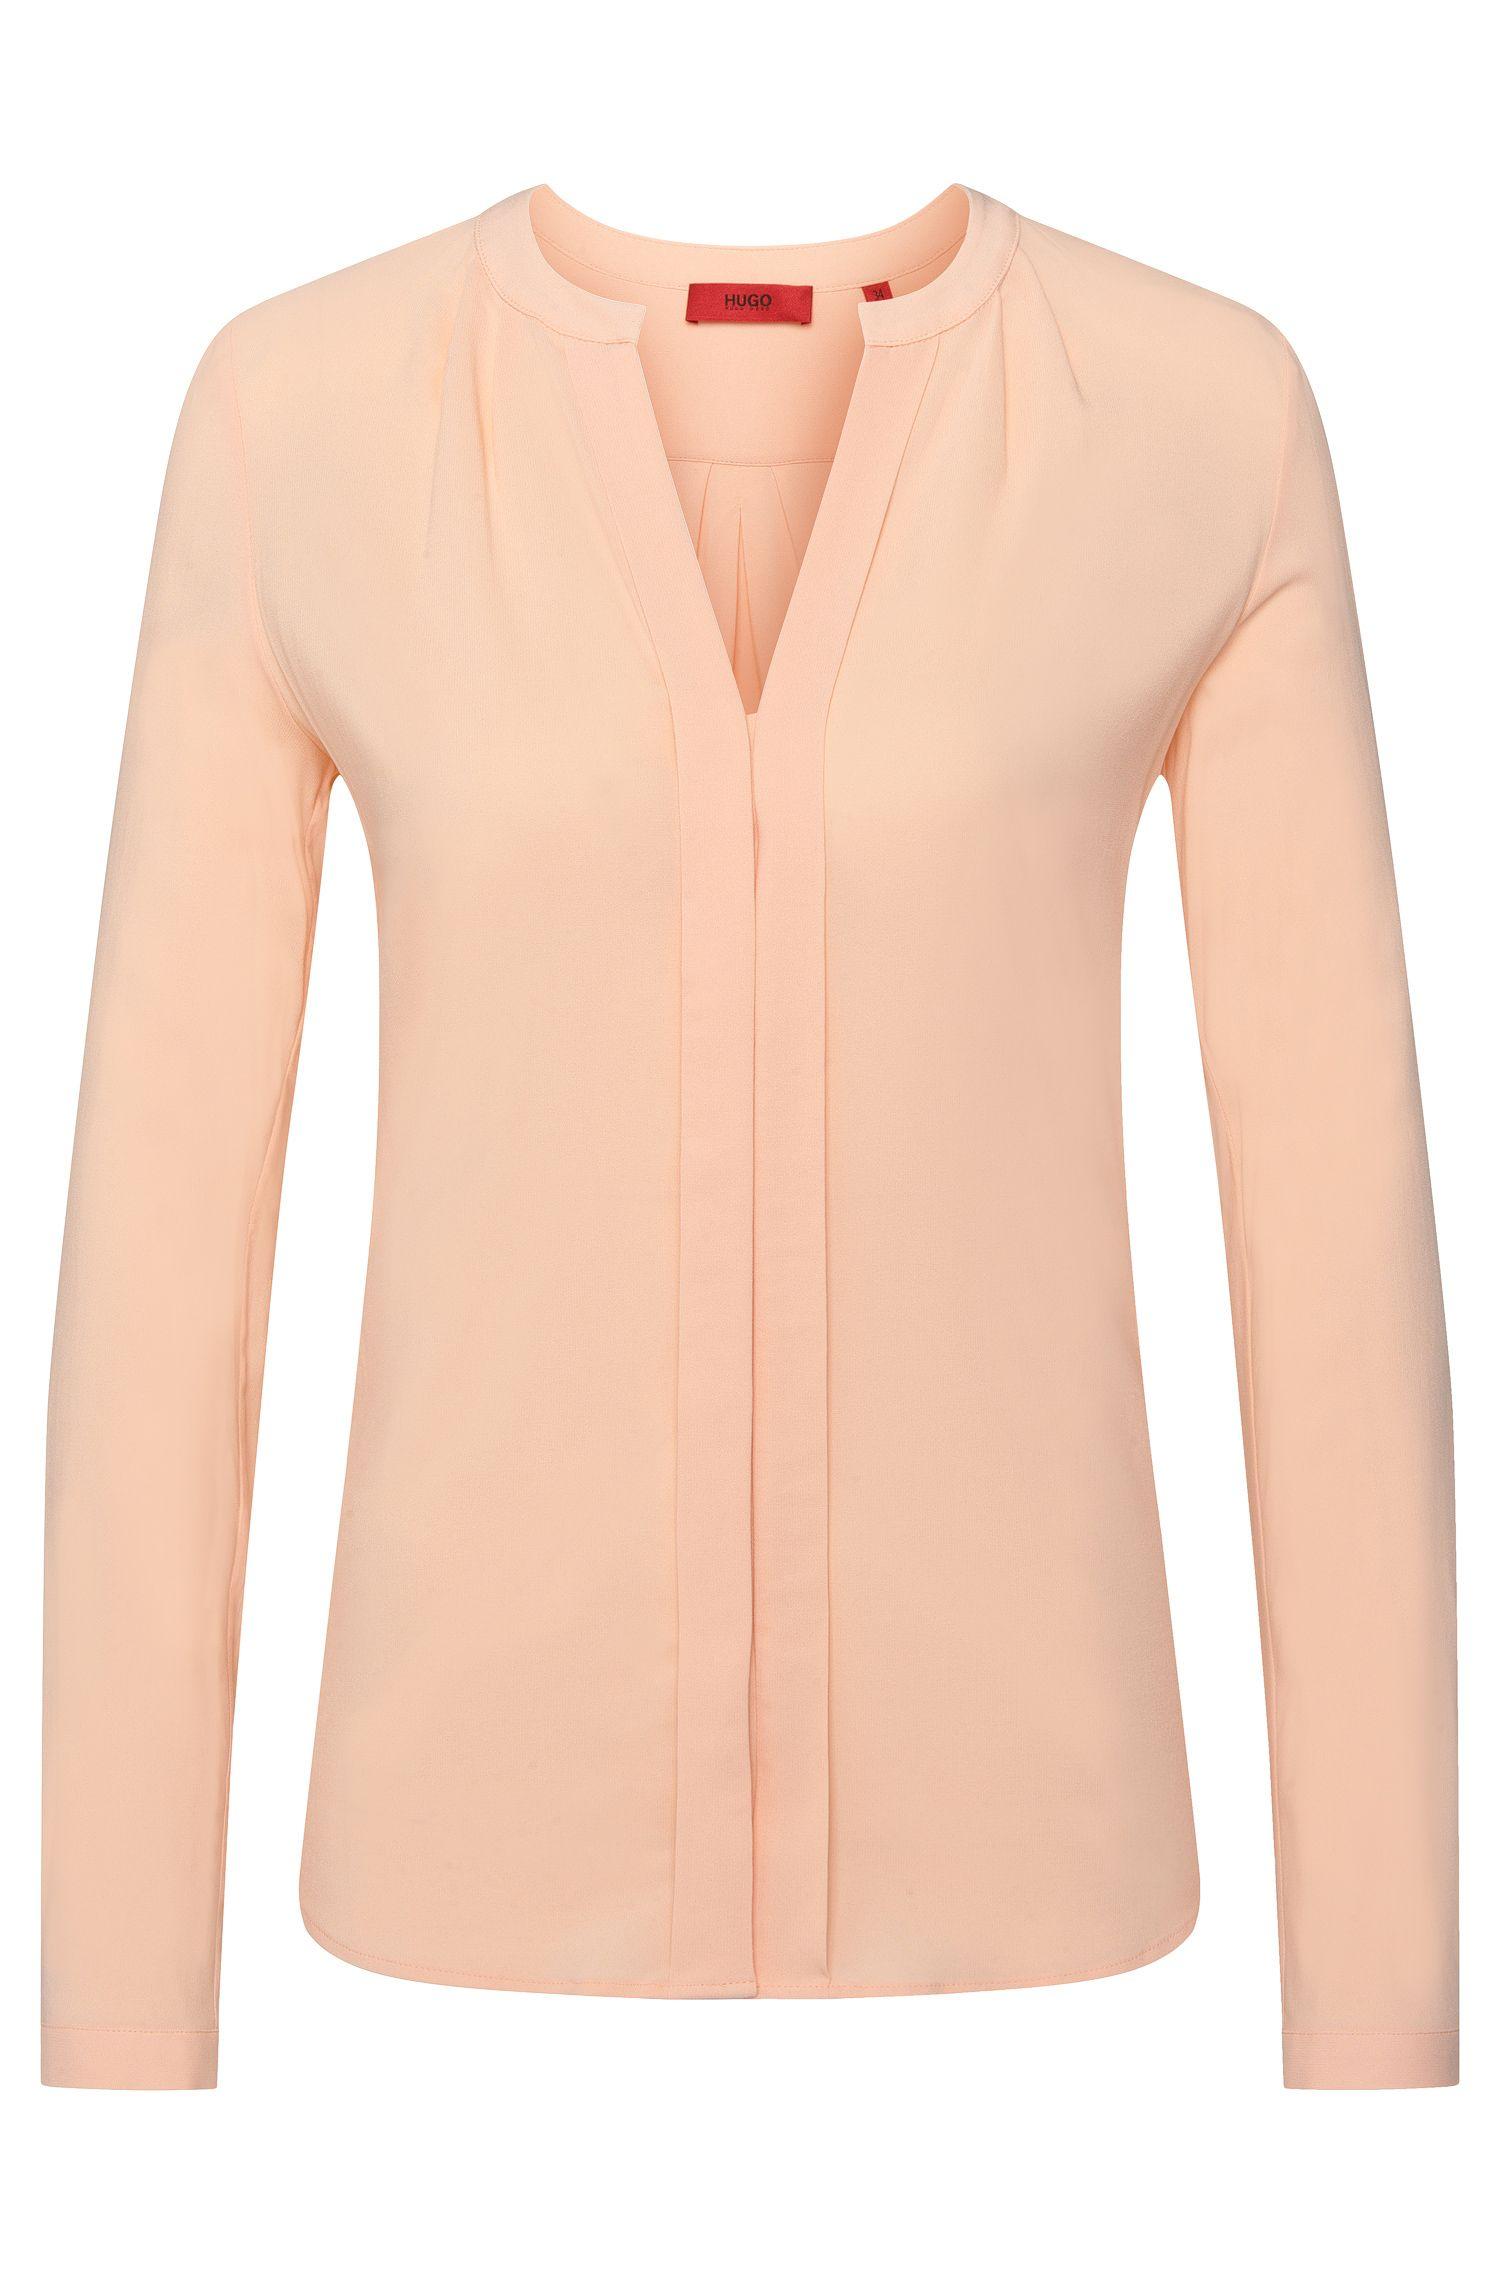 Regular-Fit Bluse aus elastischer Viskose mit Falten-Details: 'Enet'